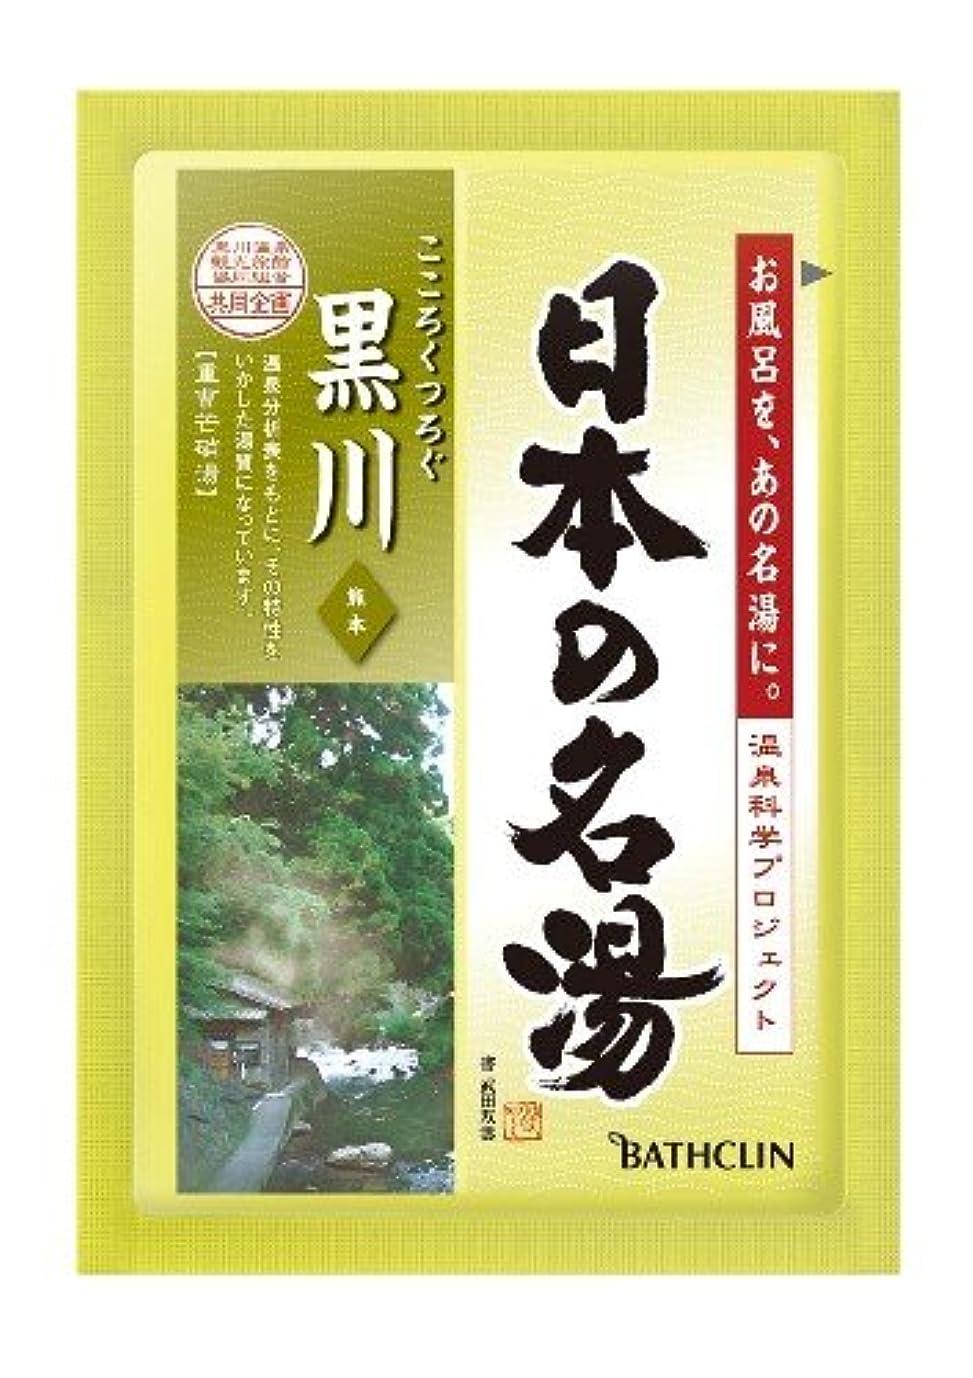 死の顎キロメートル止まるバスクリン ツムラの日本の名湯 黒川 30g